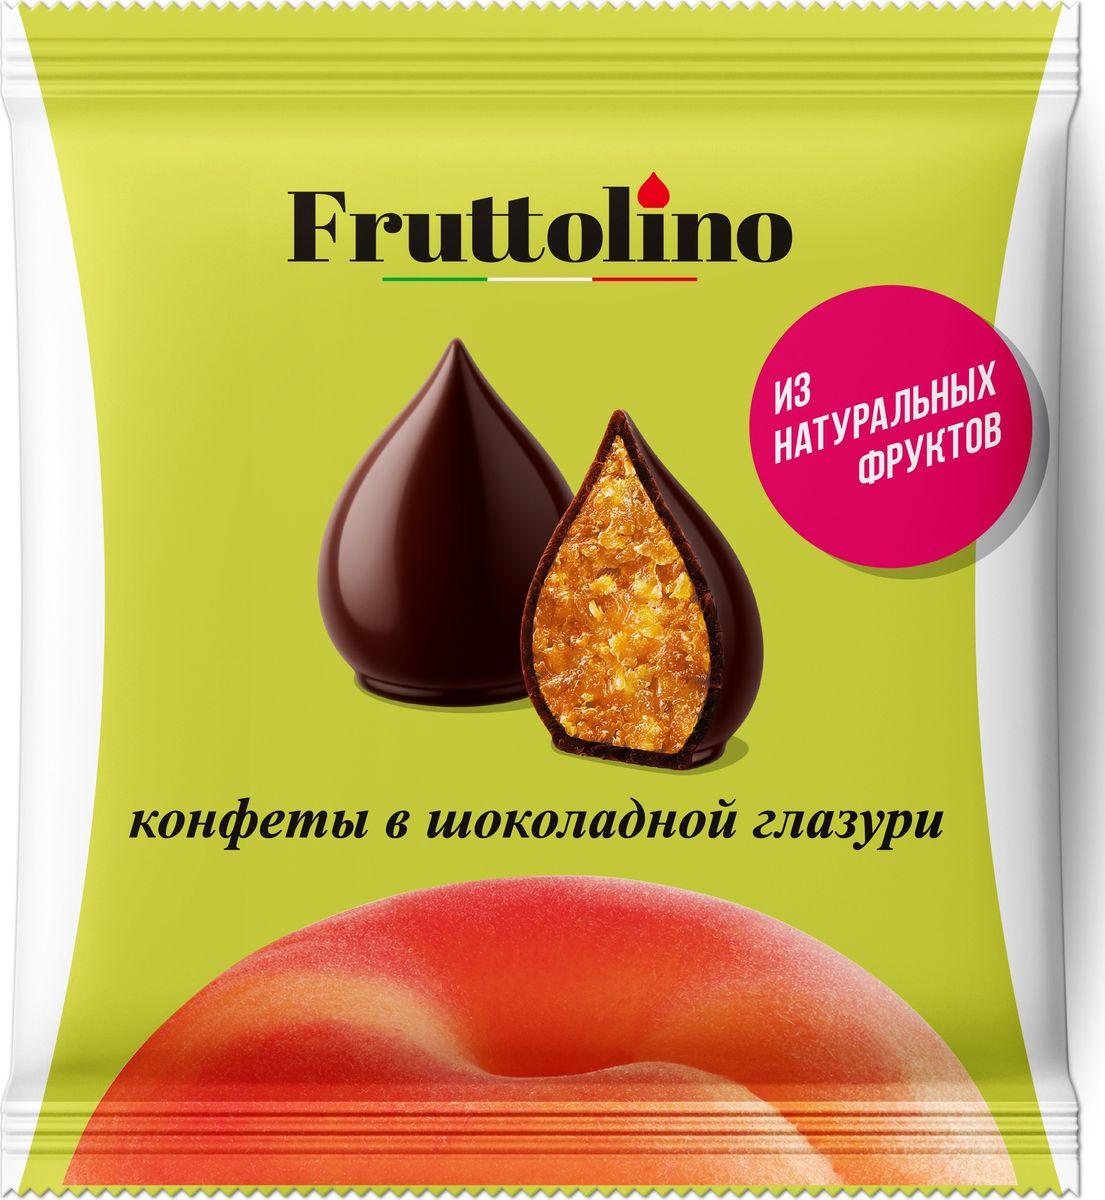 Fruttolino Персик конфеты, 140 г16.7378Сочные и душистые фрукты – основной ингредиент конфет Fruttolino, приготовленных из натуральных фруктов и покрытых превосходной шоколадной глазурью, созданной из отборных африканских какао-бобов.Конфеты Fruttolino прекрасно заменят привычные